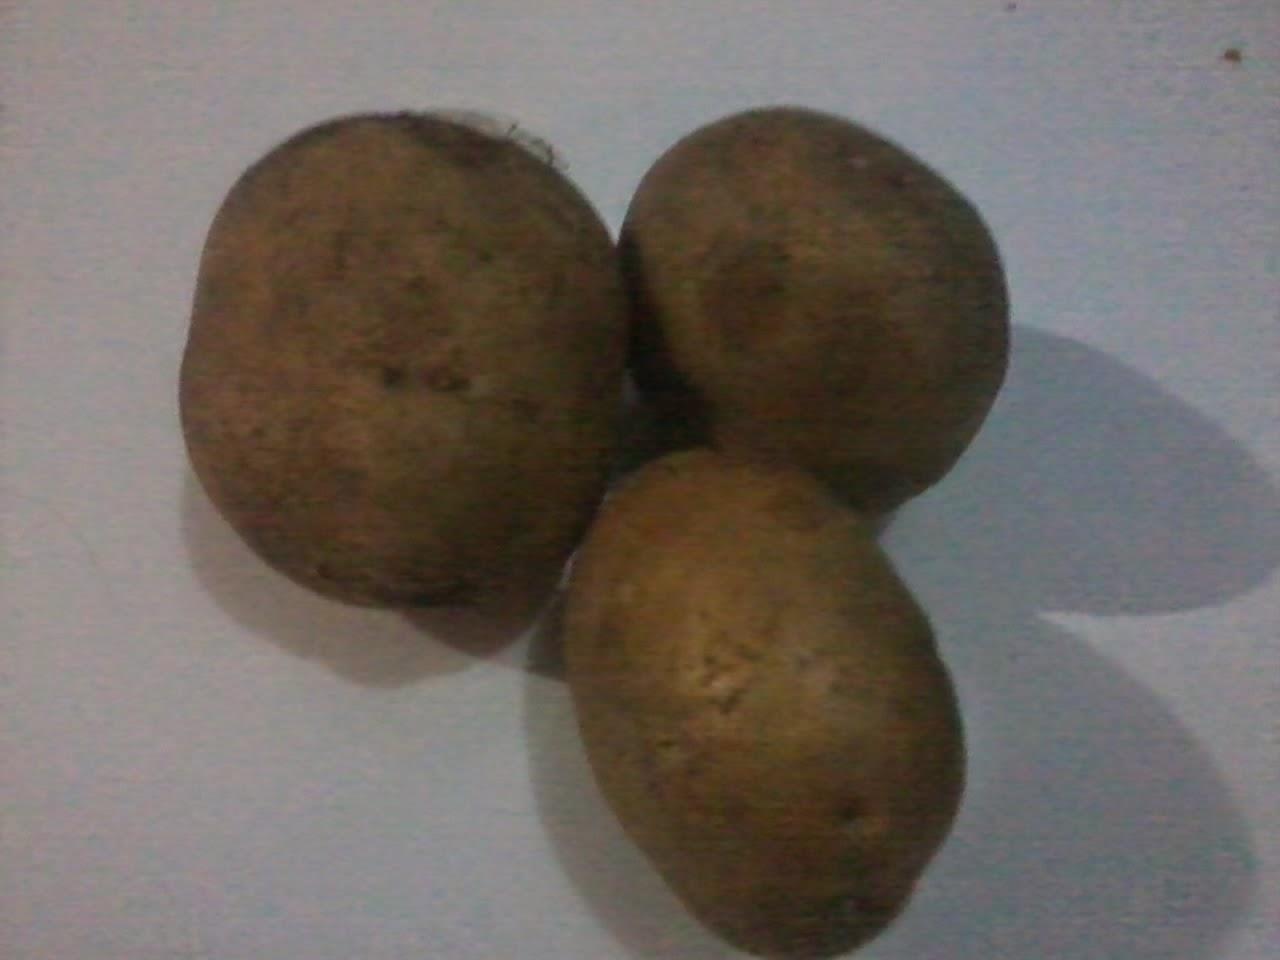 Manfaat kentang serta menjadikan kentang bahan masker wajah